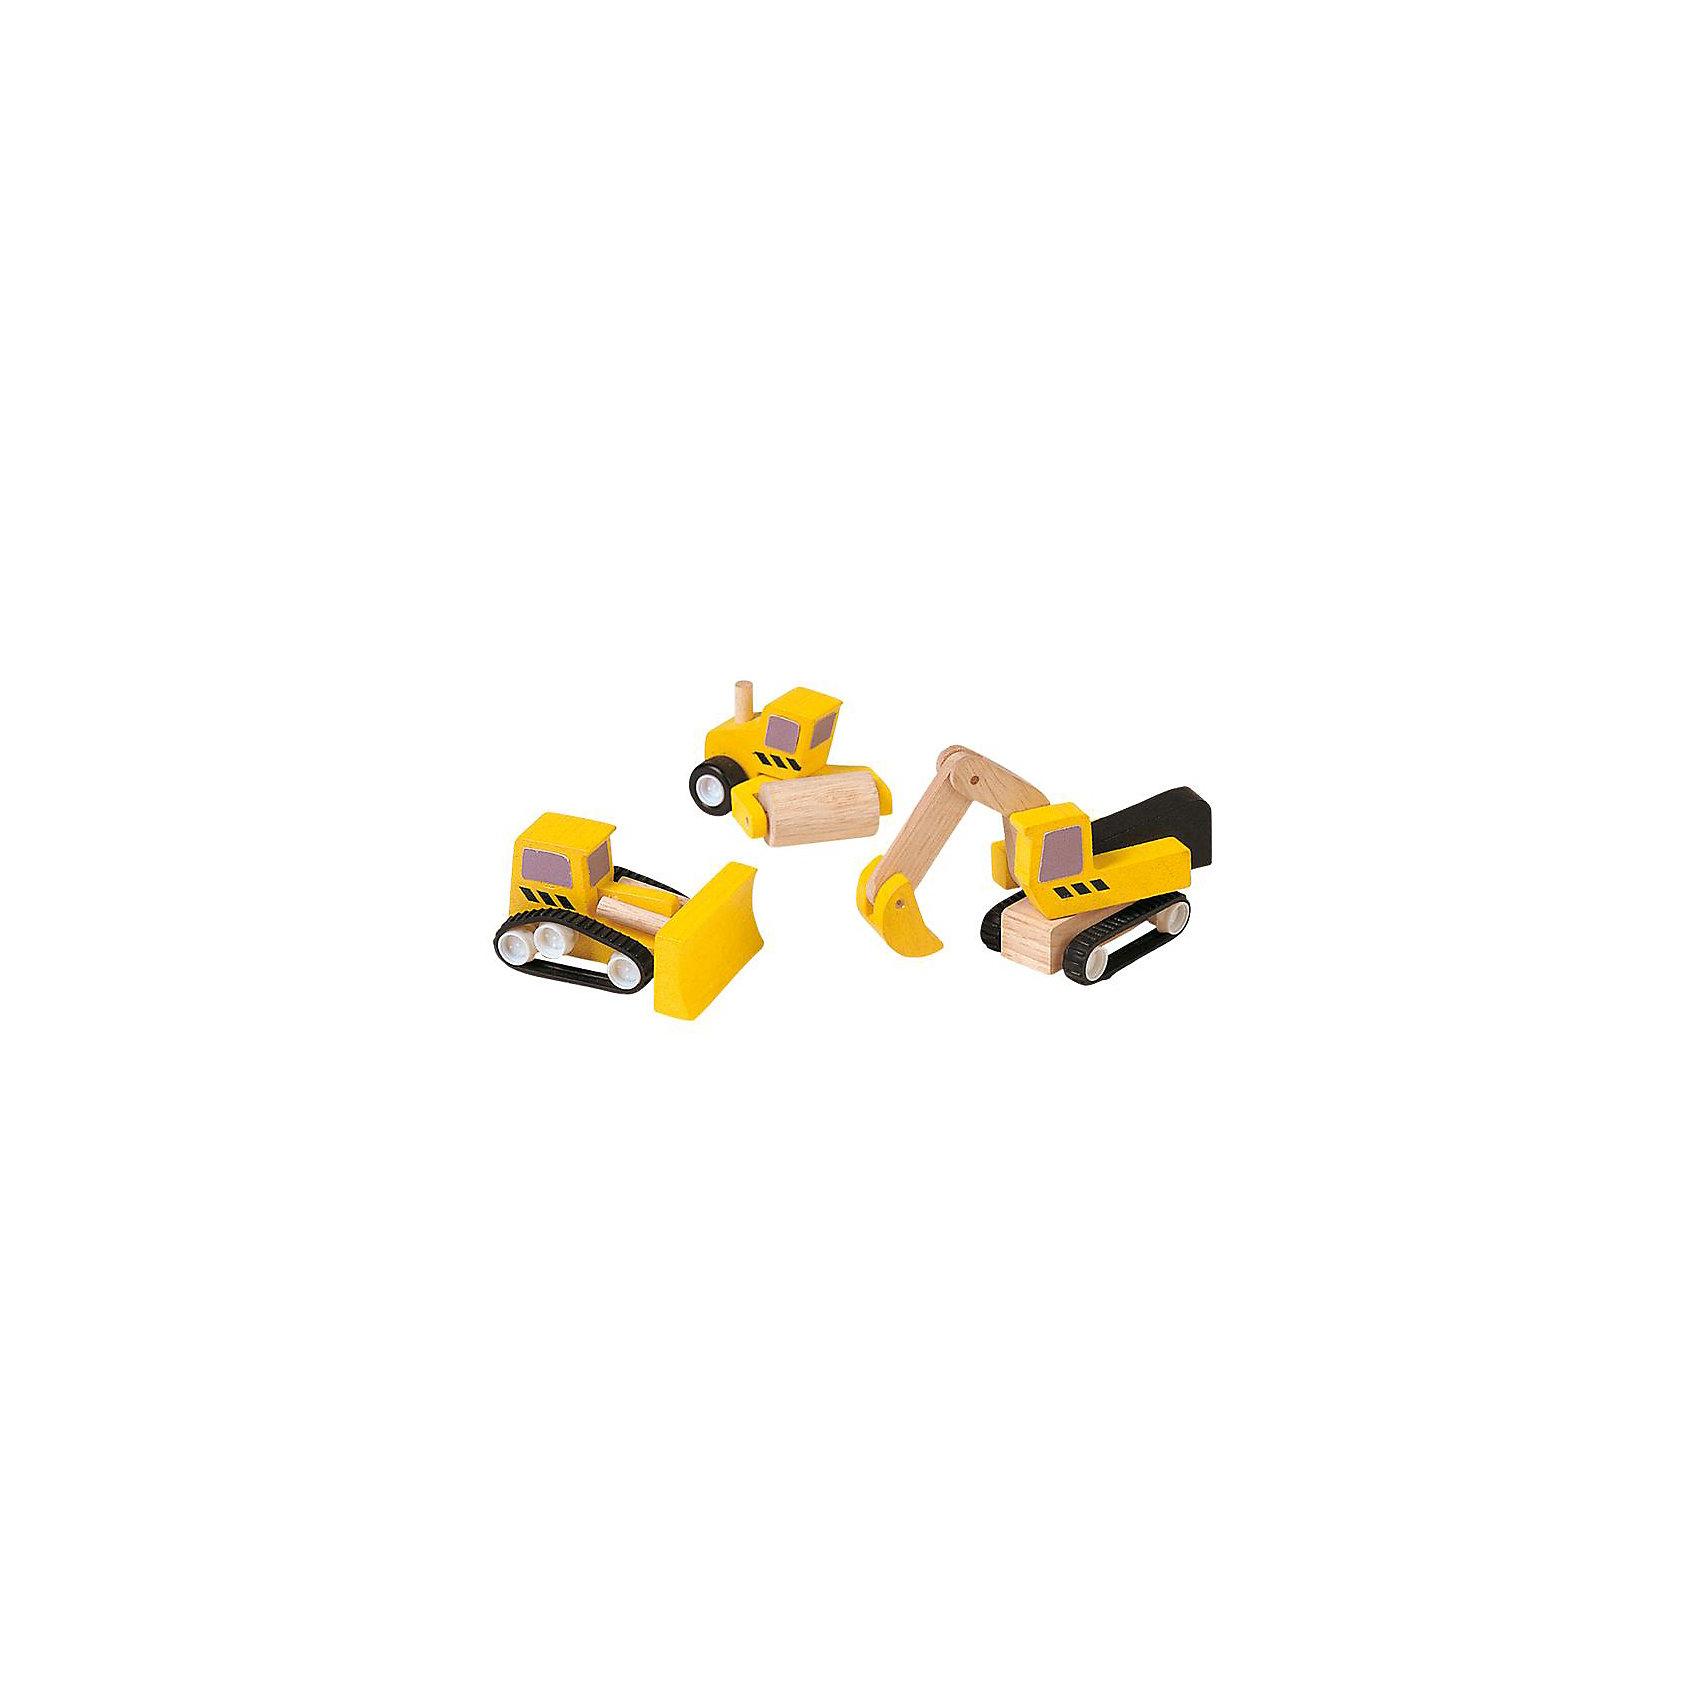 барабан plan toys 6404 Plan Toys PLAN TOYS 6014 Дорожная техника